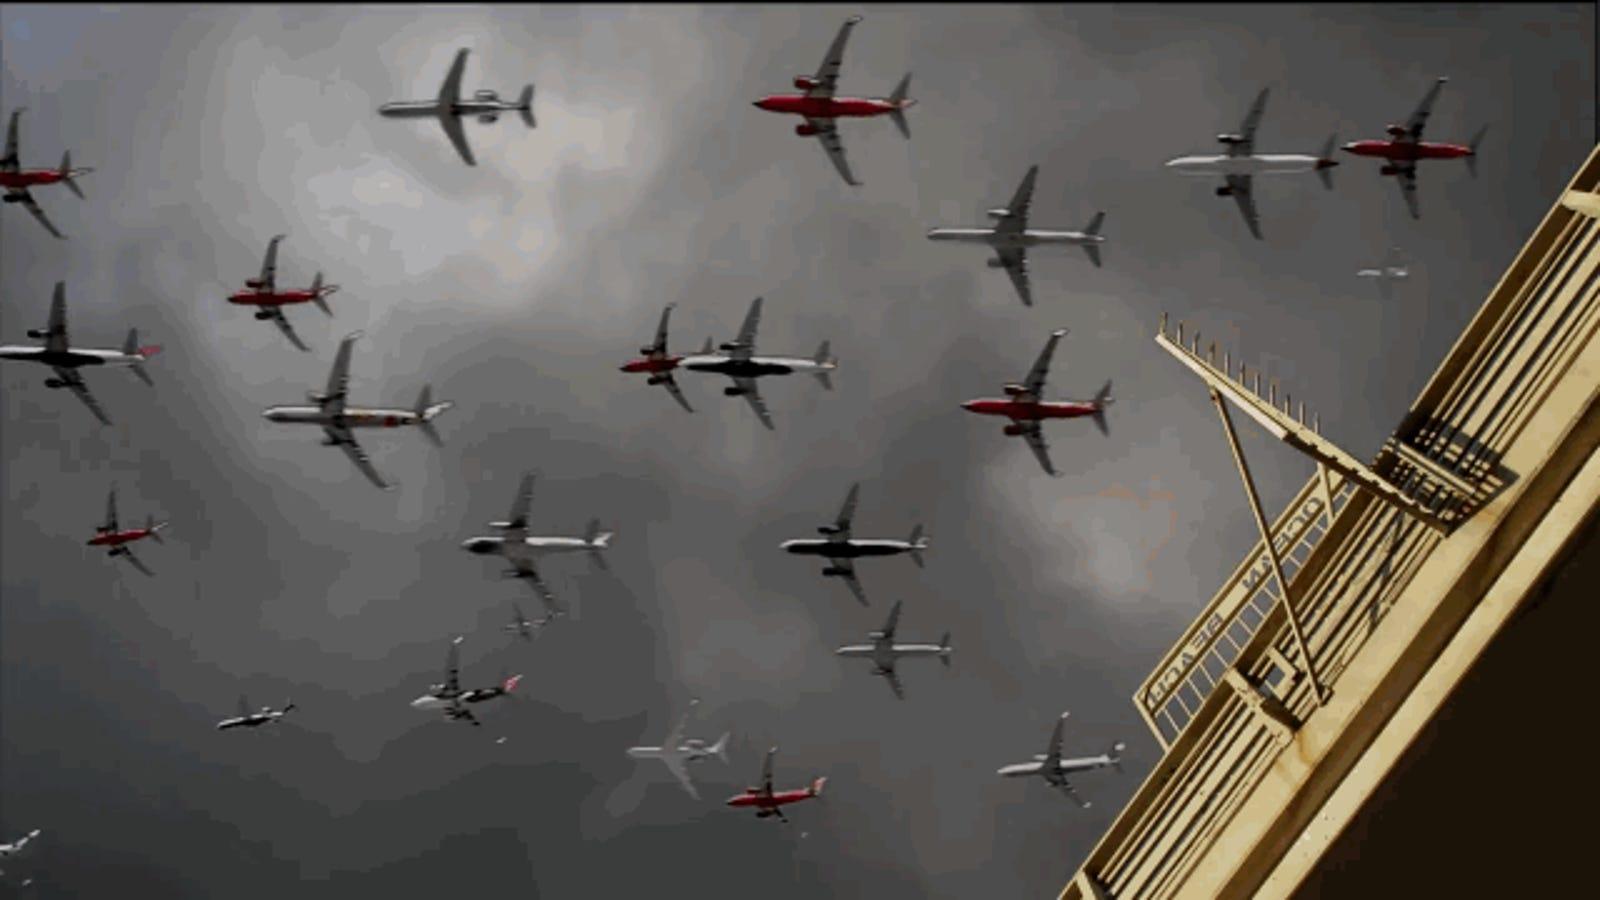 ¿Qué aspecto tienen 90 aviones despegando a la vez?